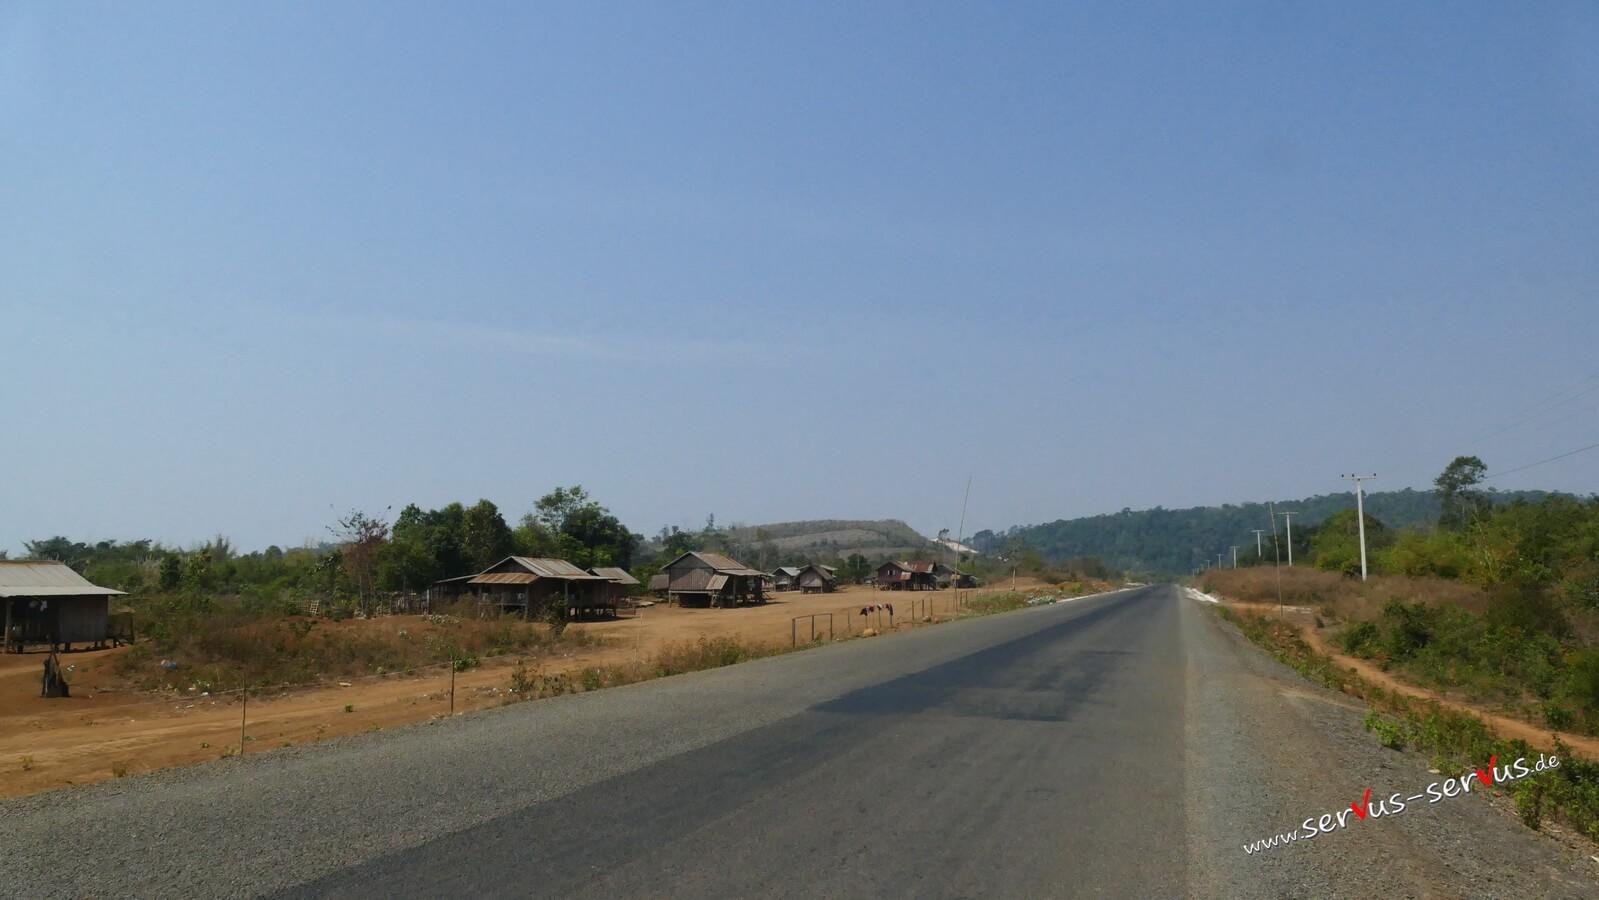 Hütten auf dem Bolavenloop, Straße Holzhäuser, laos